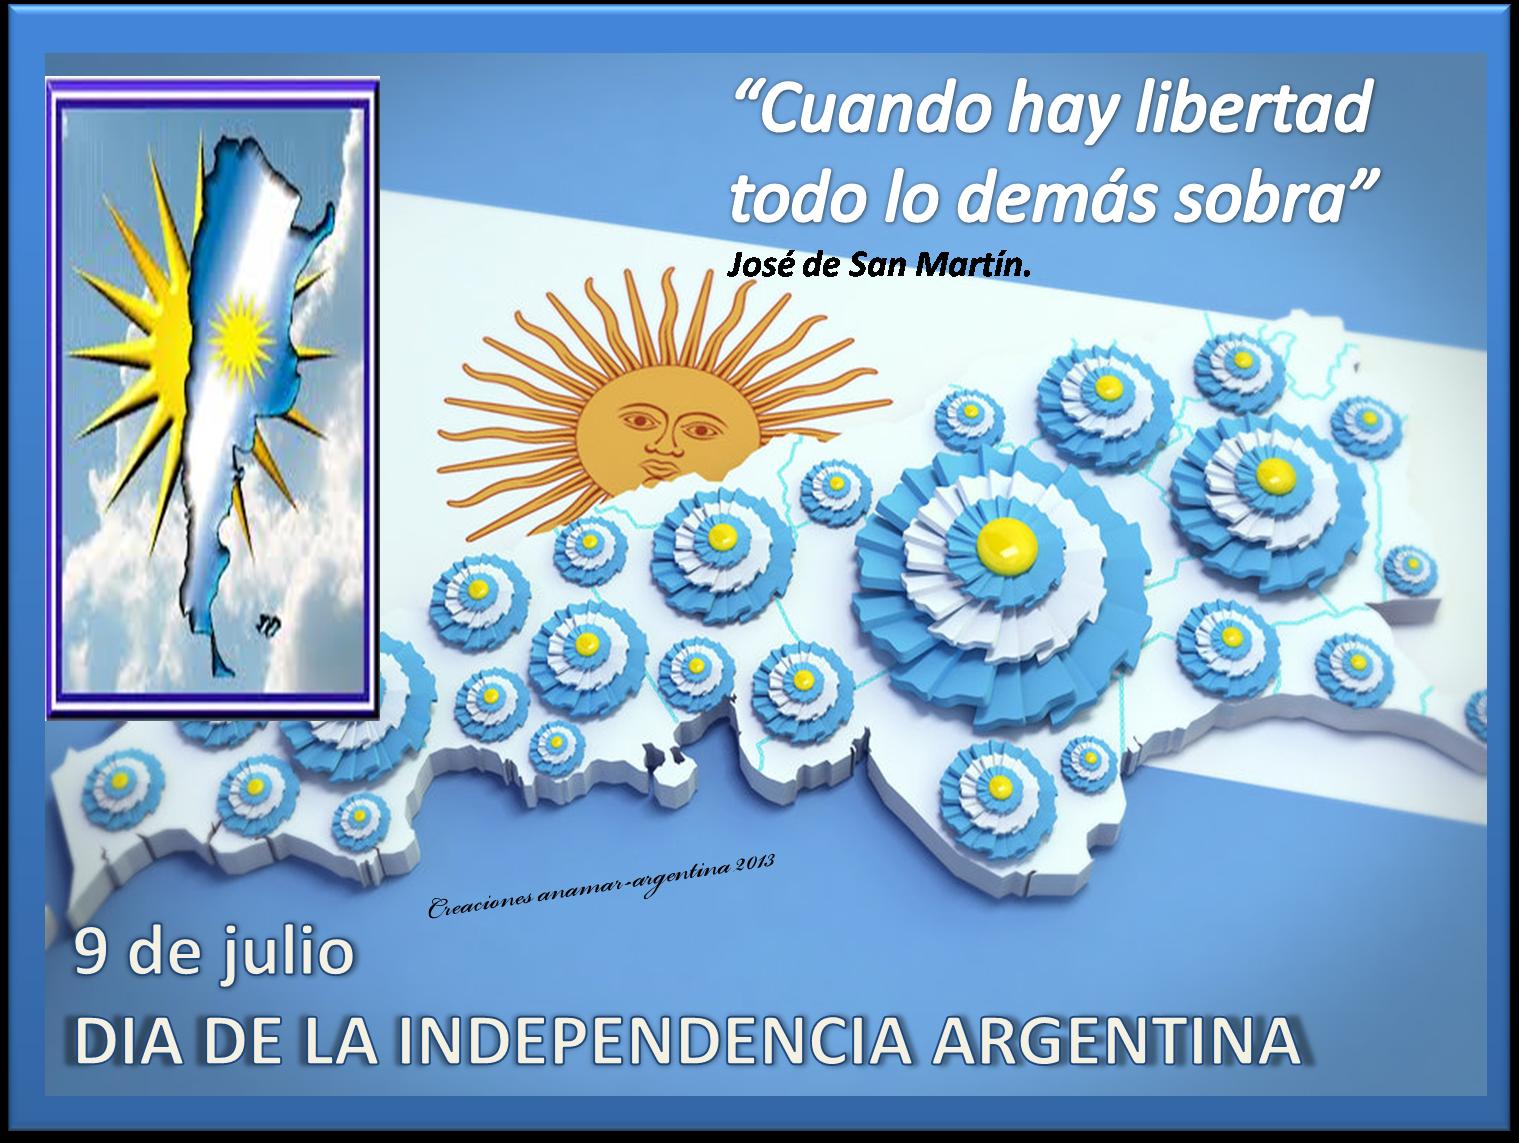 D a de la independencia argentina 9 de julio imagenes for Decoracion 9 de julio